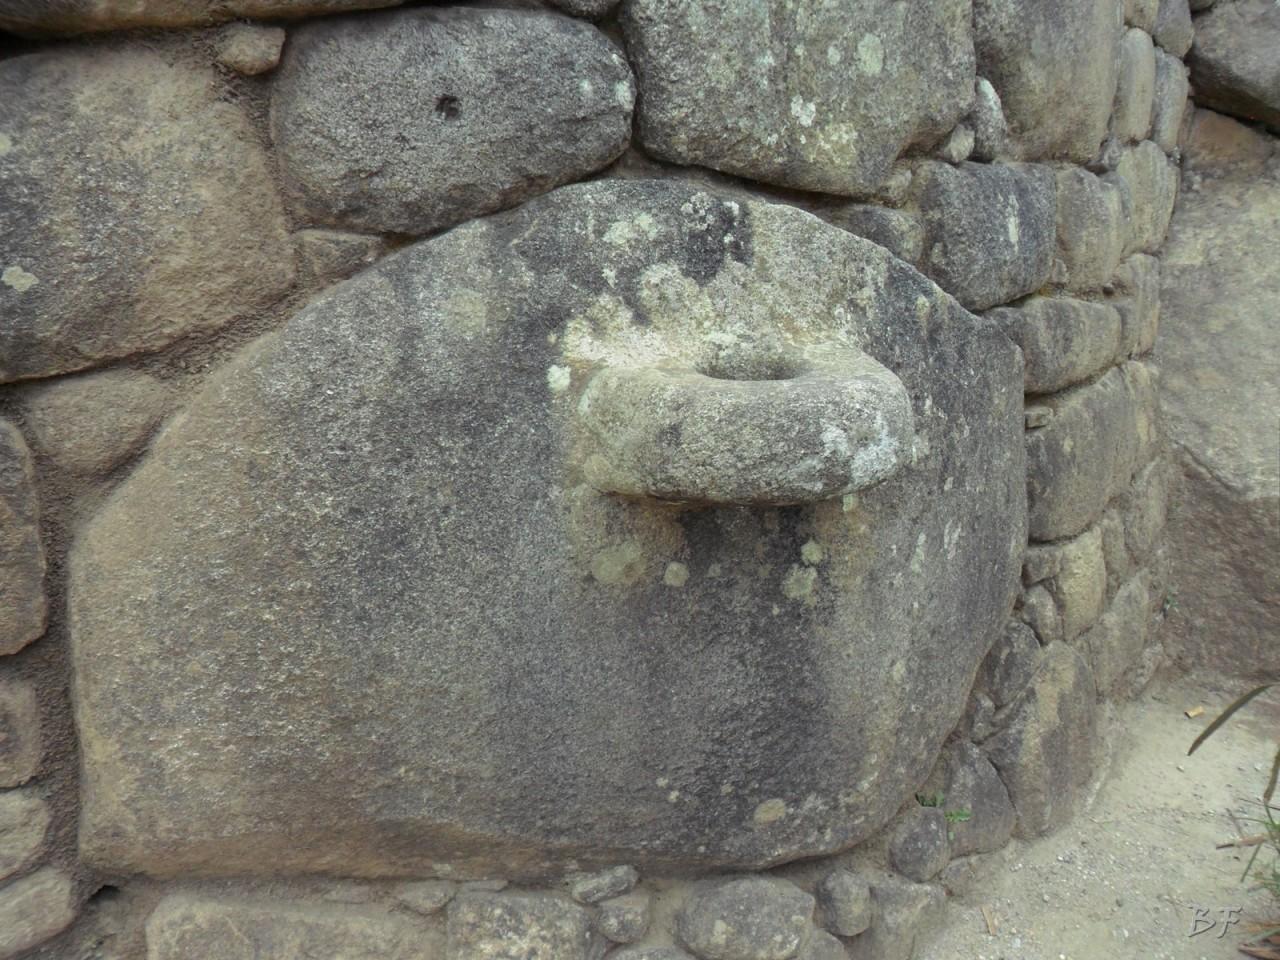 Mura-Poligonali-Incisioni-Altari-Edifici-Rupestri-Megaliti-Machu-Picchu-Aguas-Calientes-Urubamba-Cusco-Perù-117